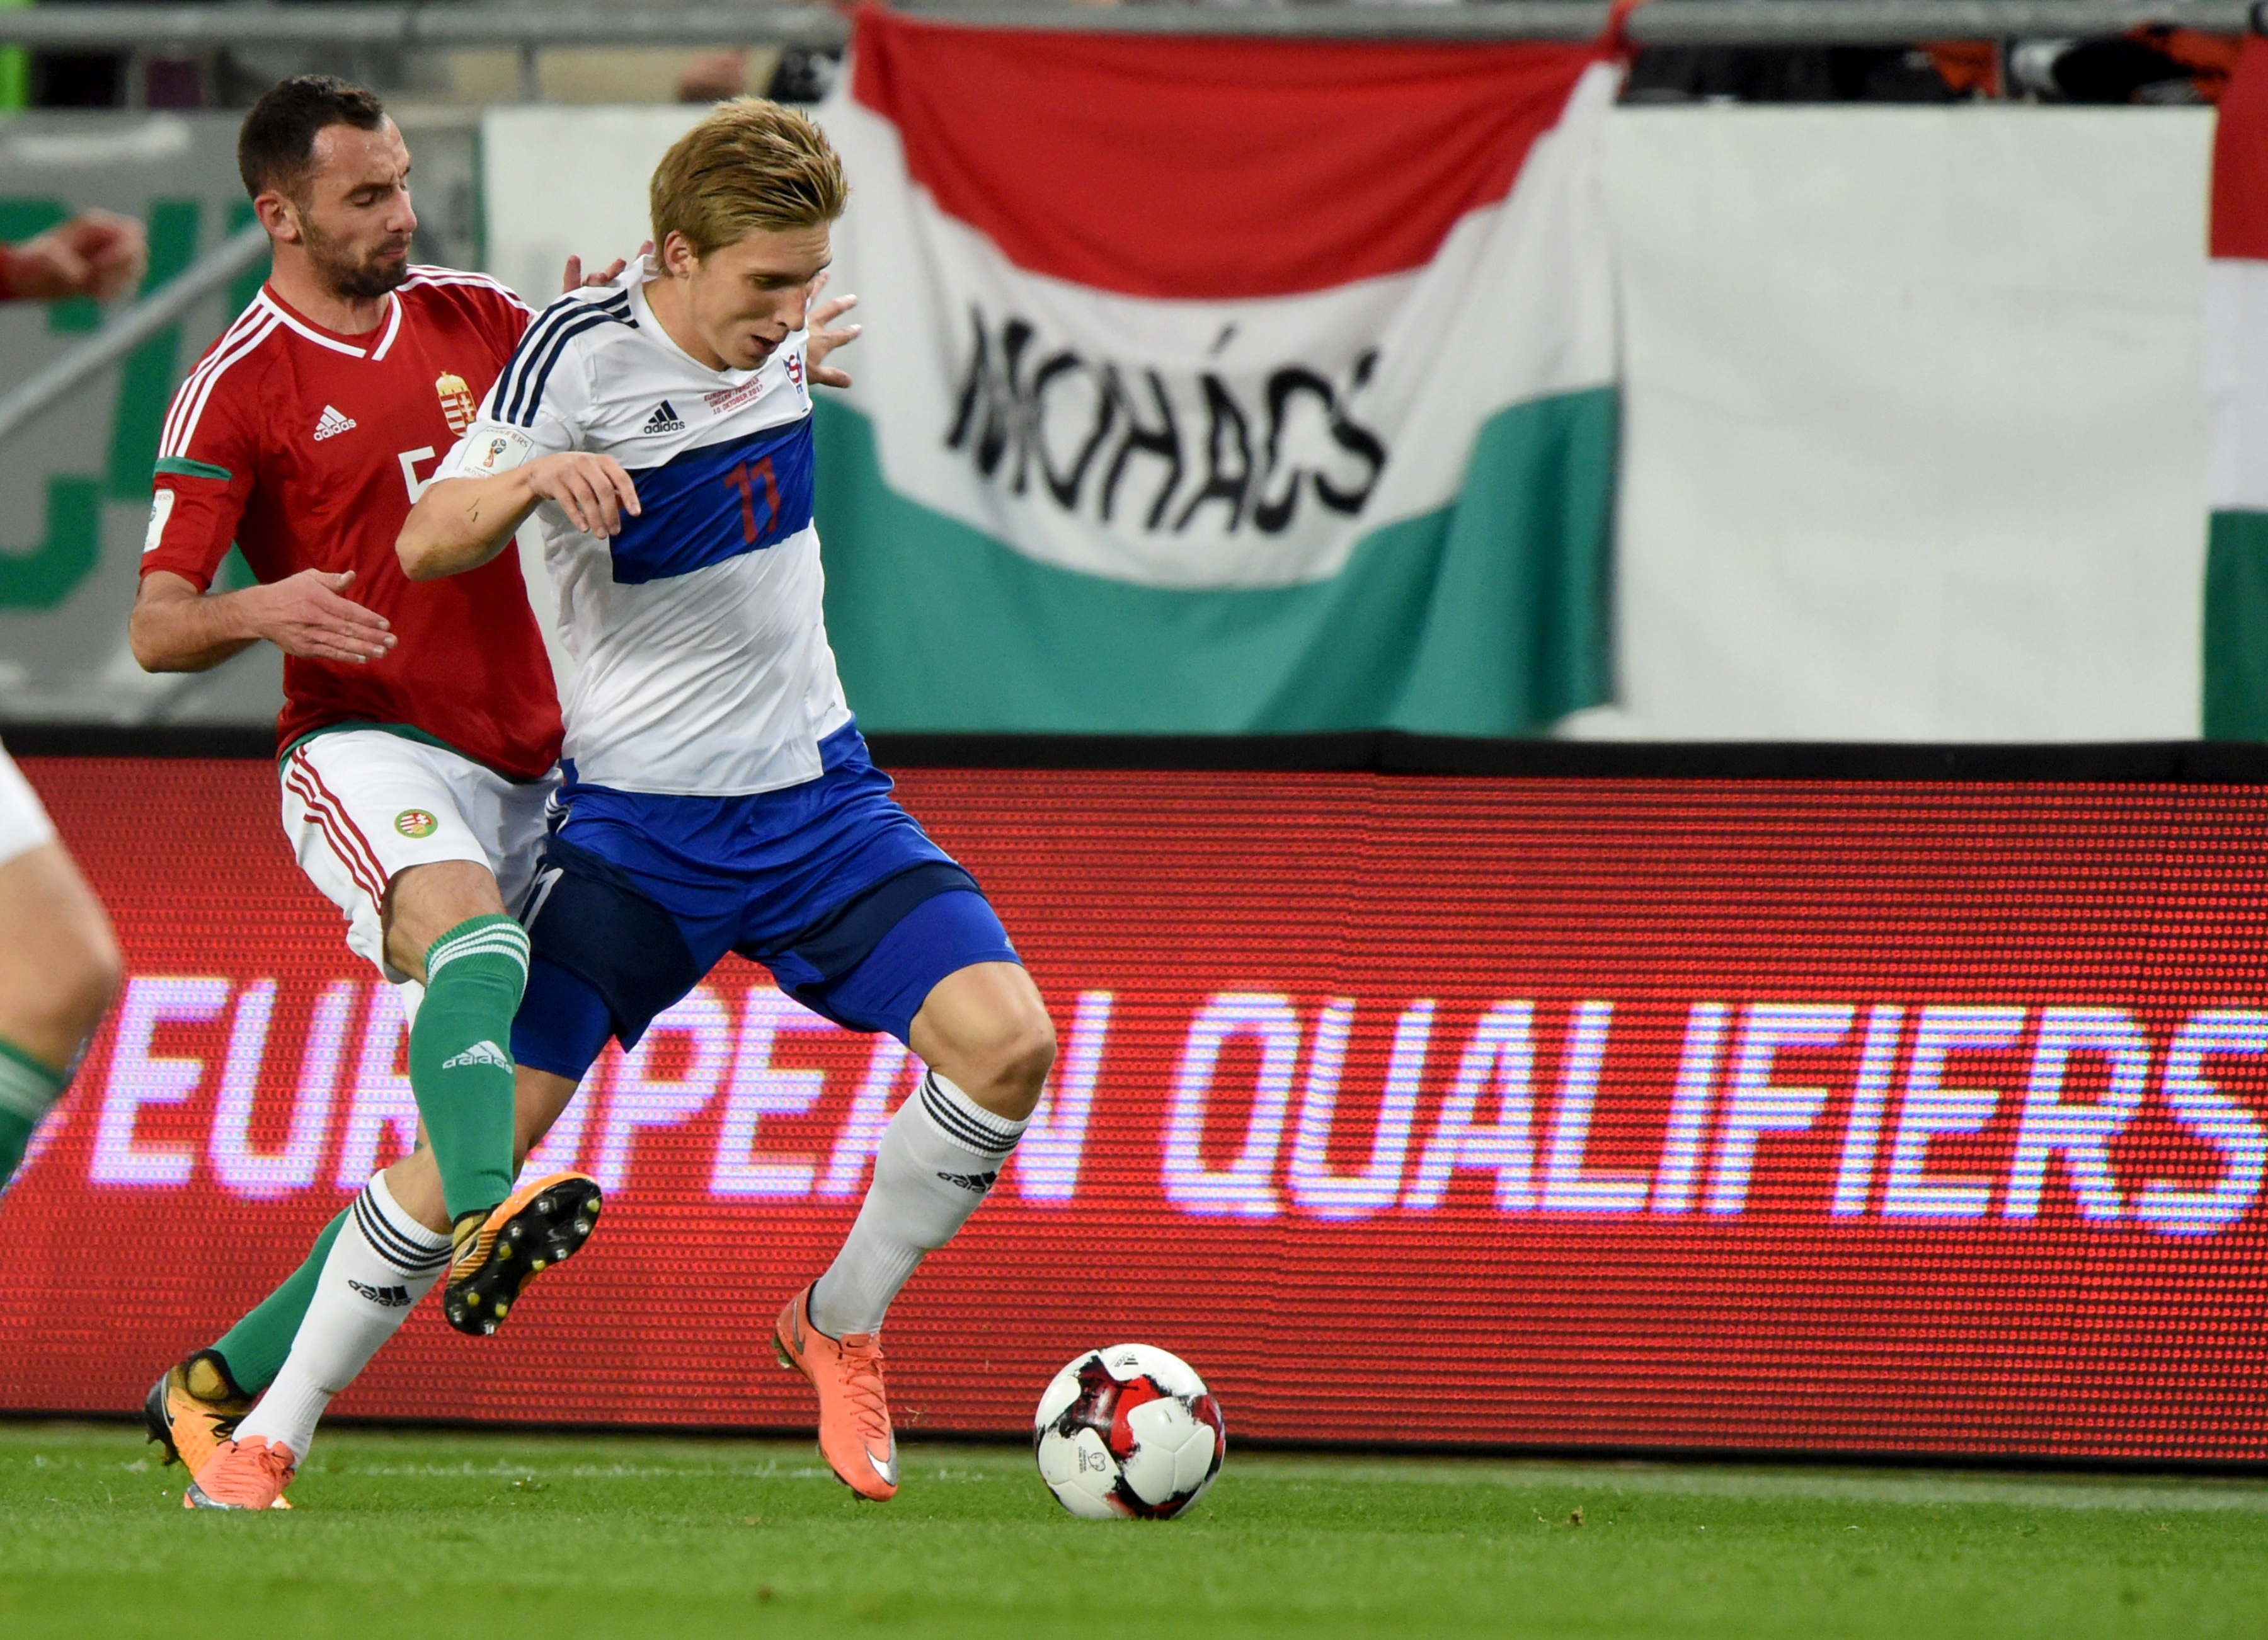 Bernd Storckot elnyelte a magyar futball mocsara